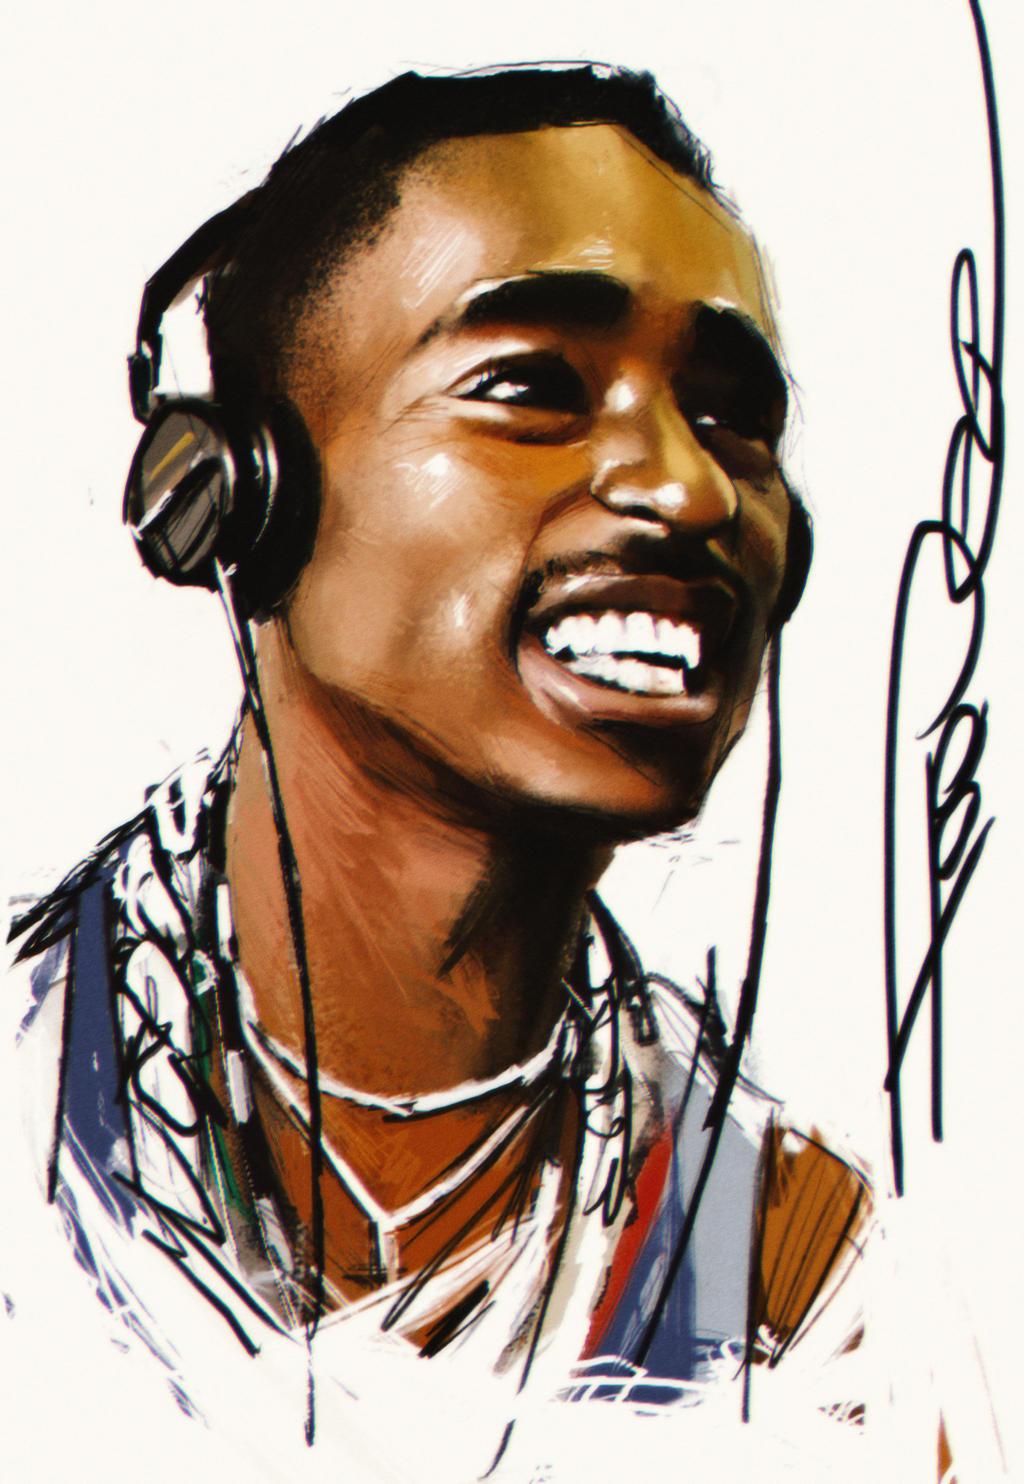 Tupac by tooDeee on DeviantArt